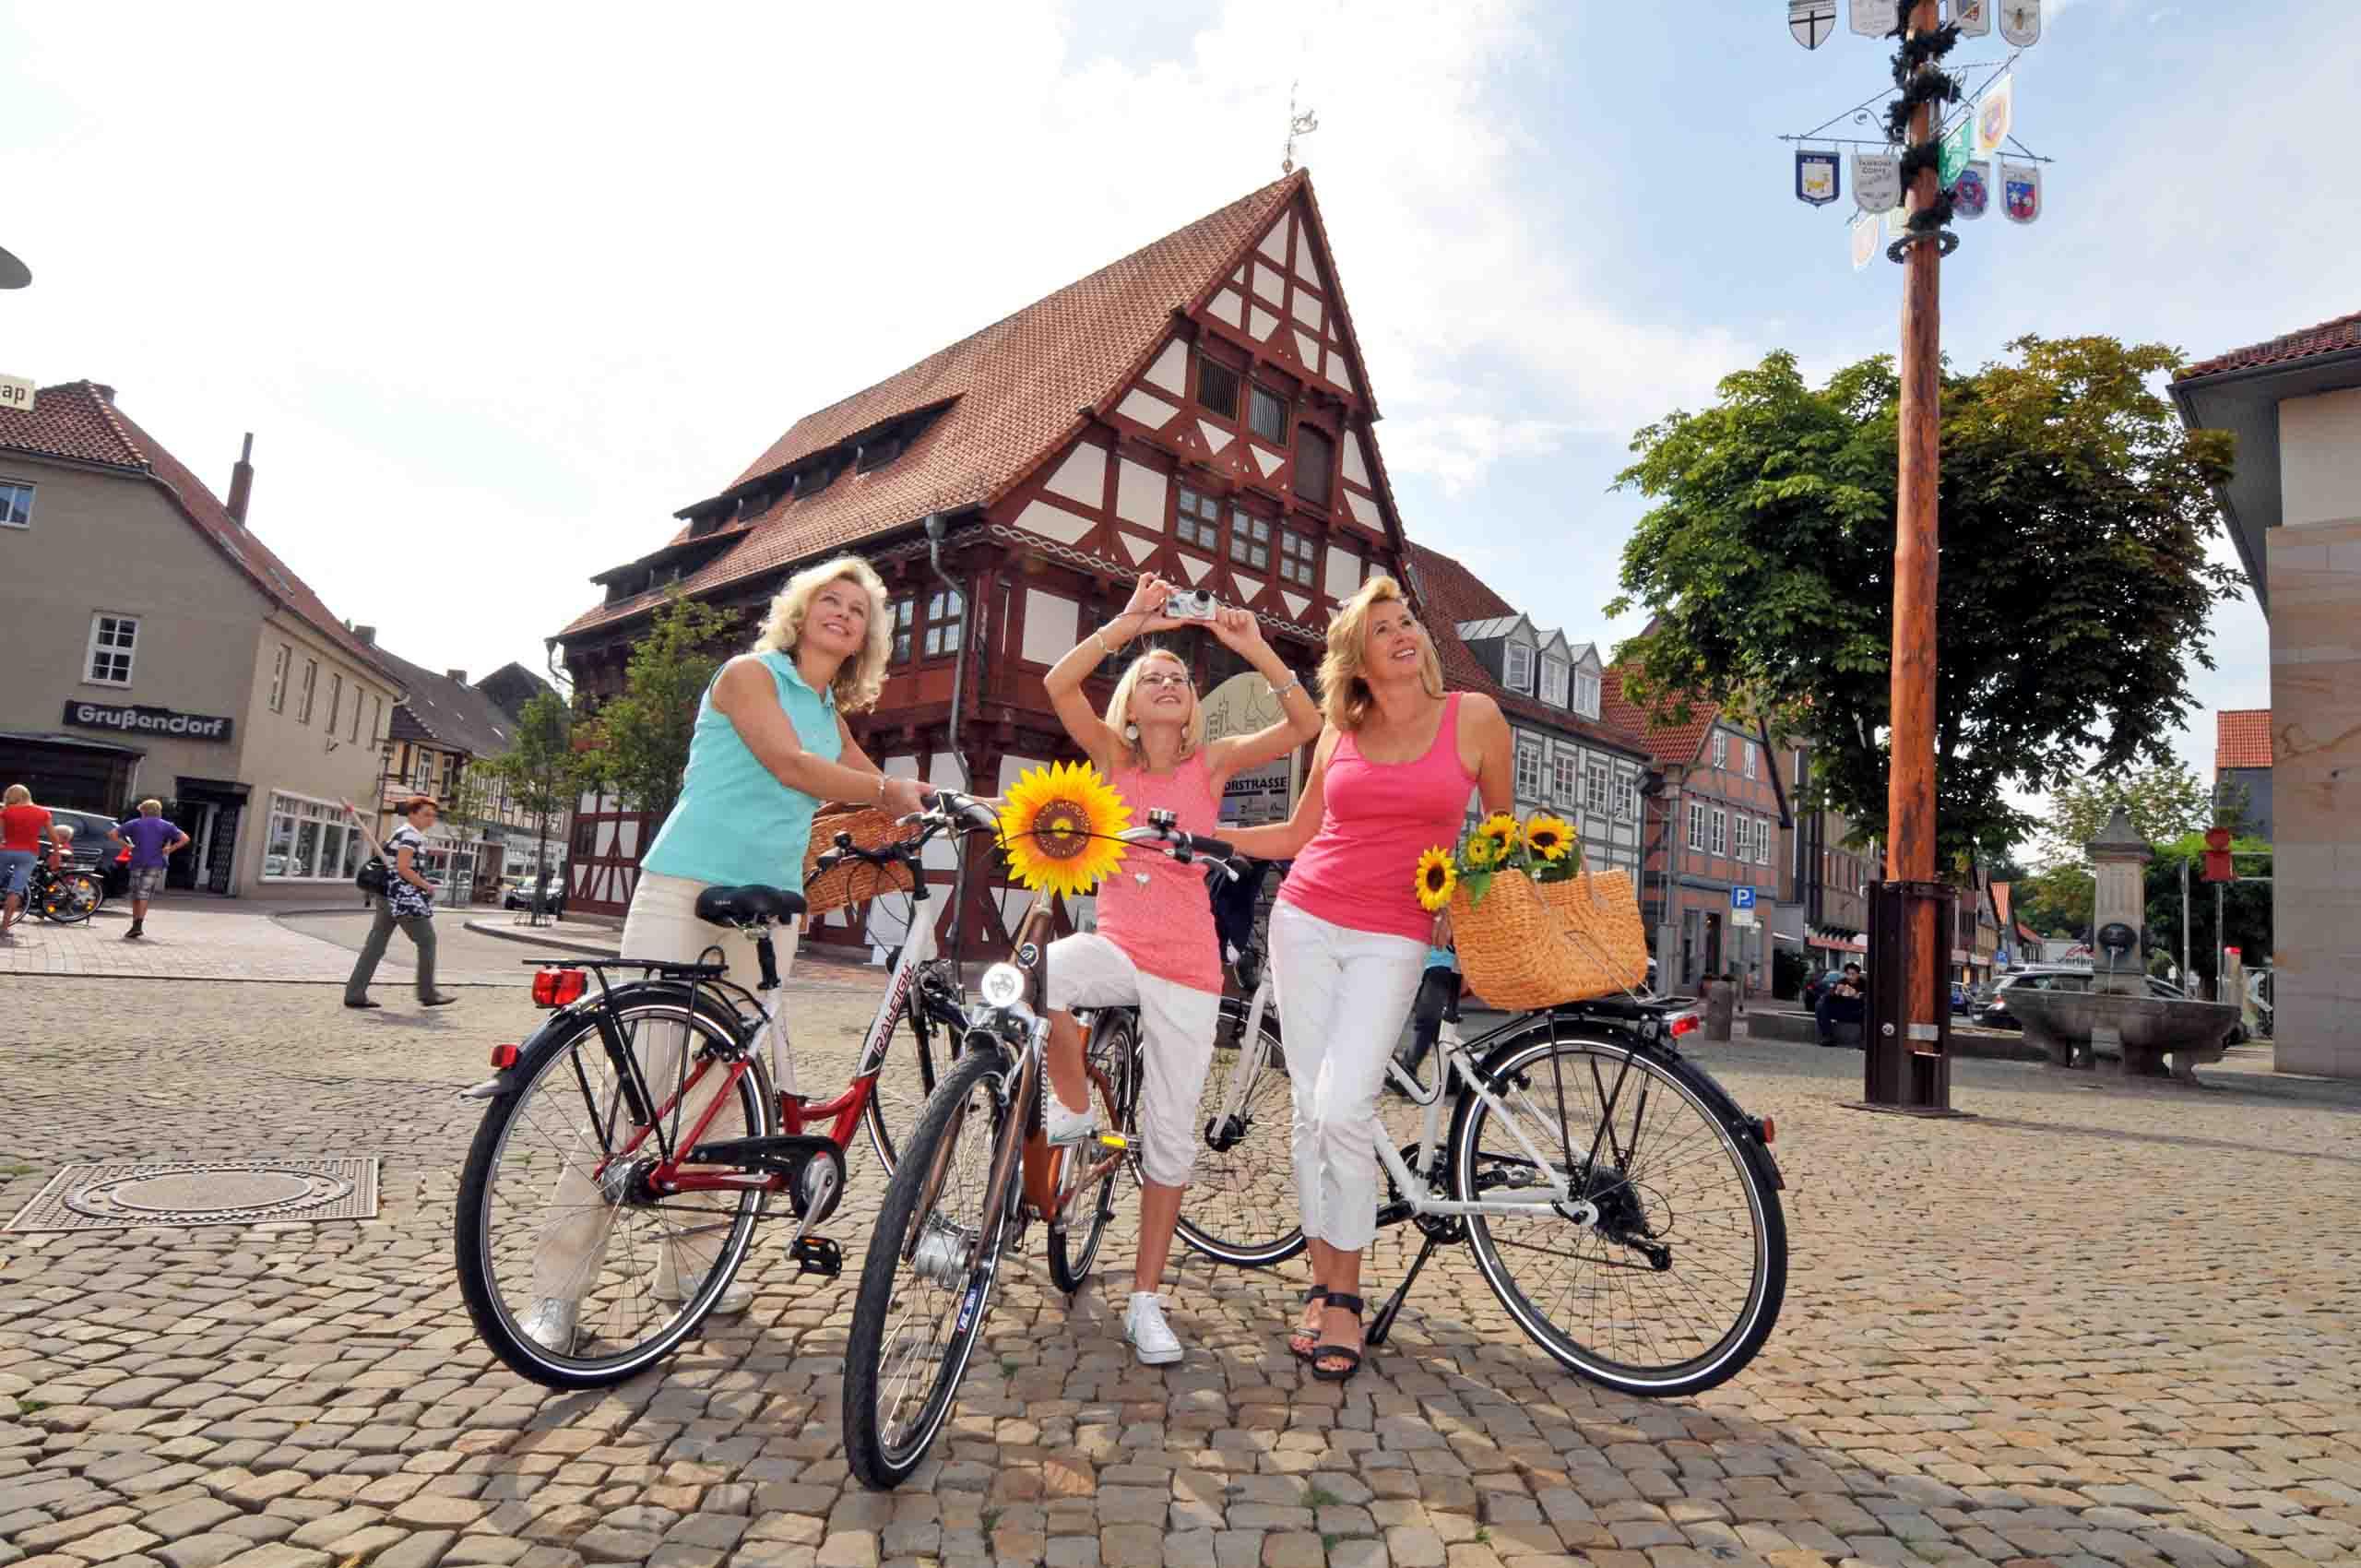 Radfahrer auf dem Gifhorner Marktplatz